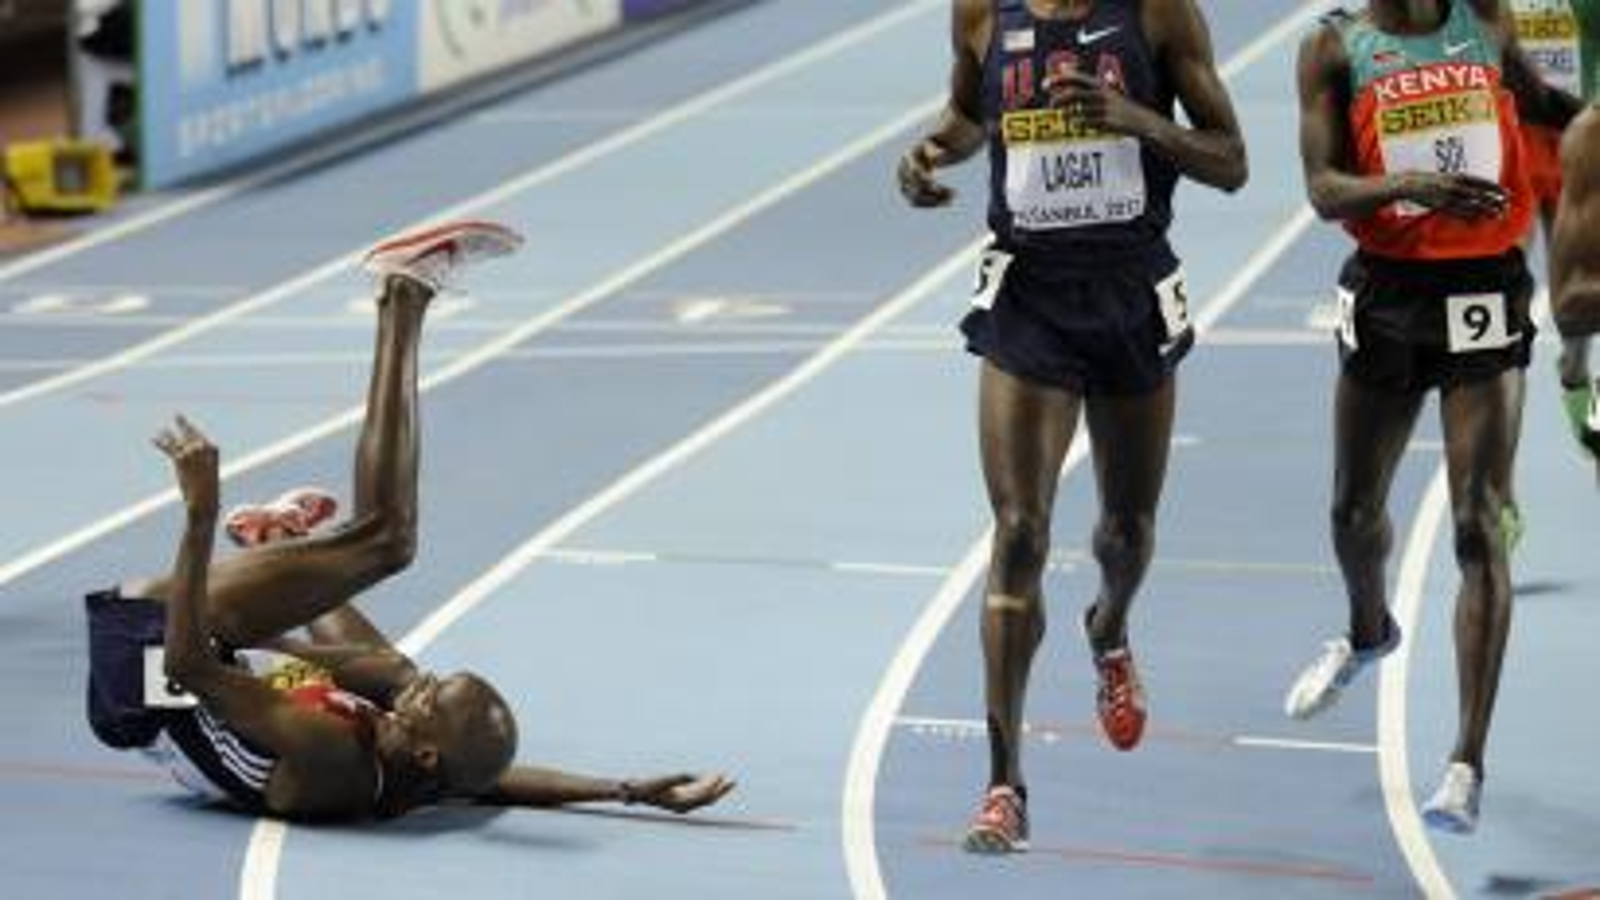 Runner falling